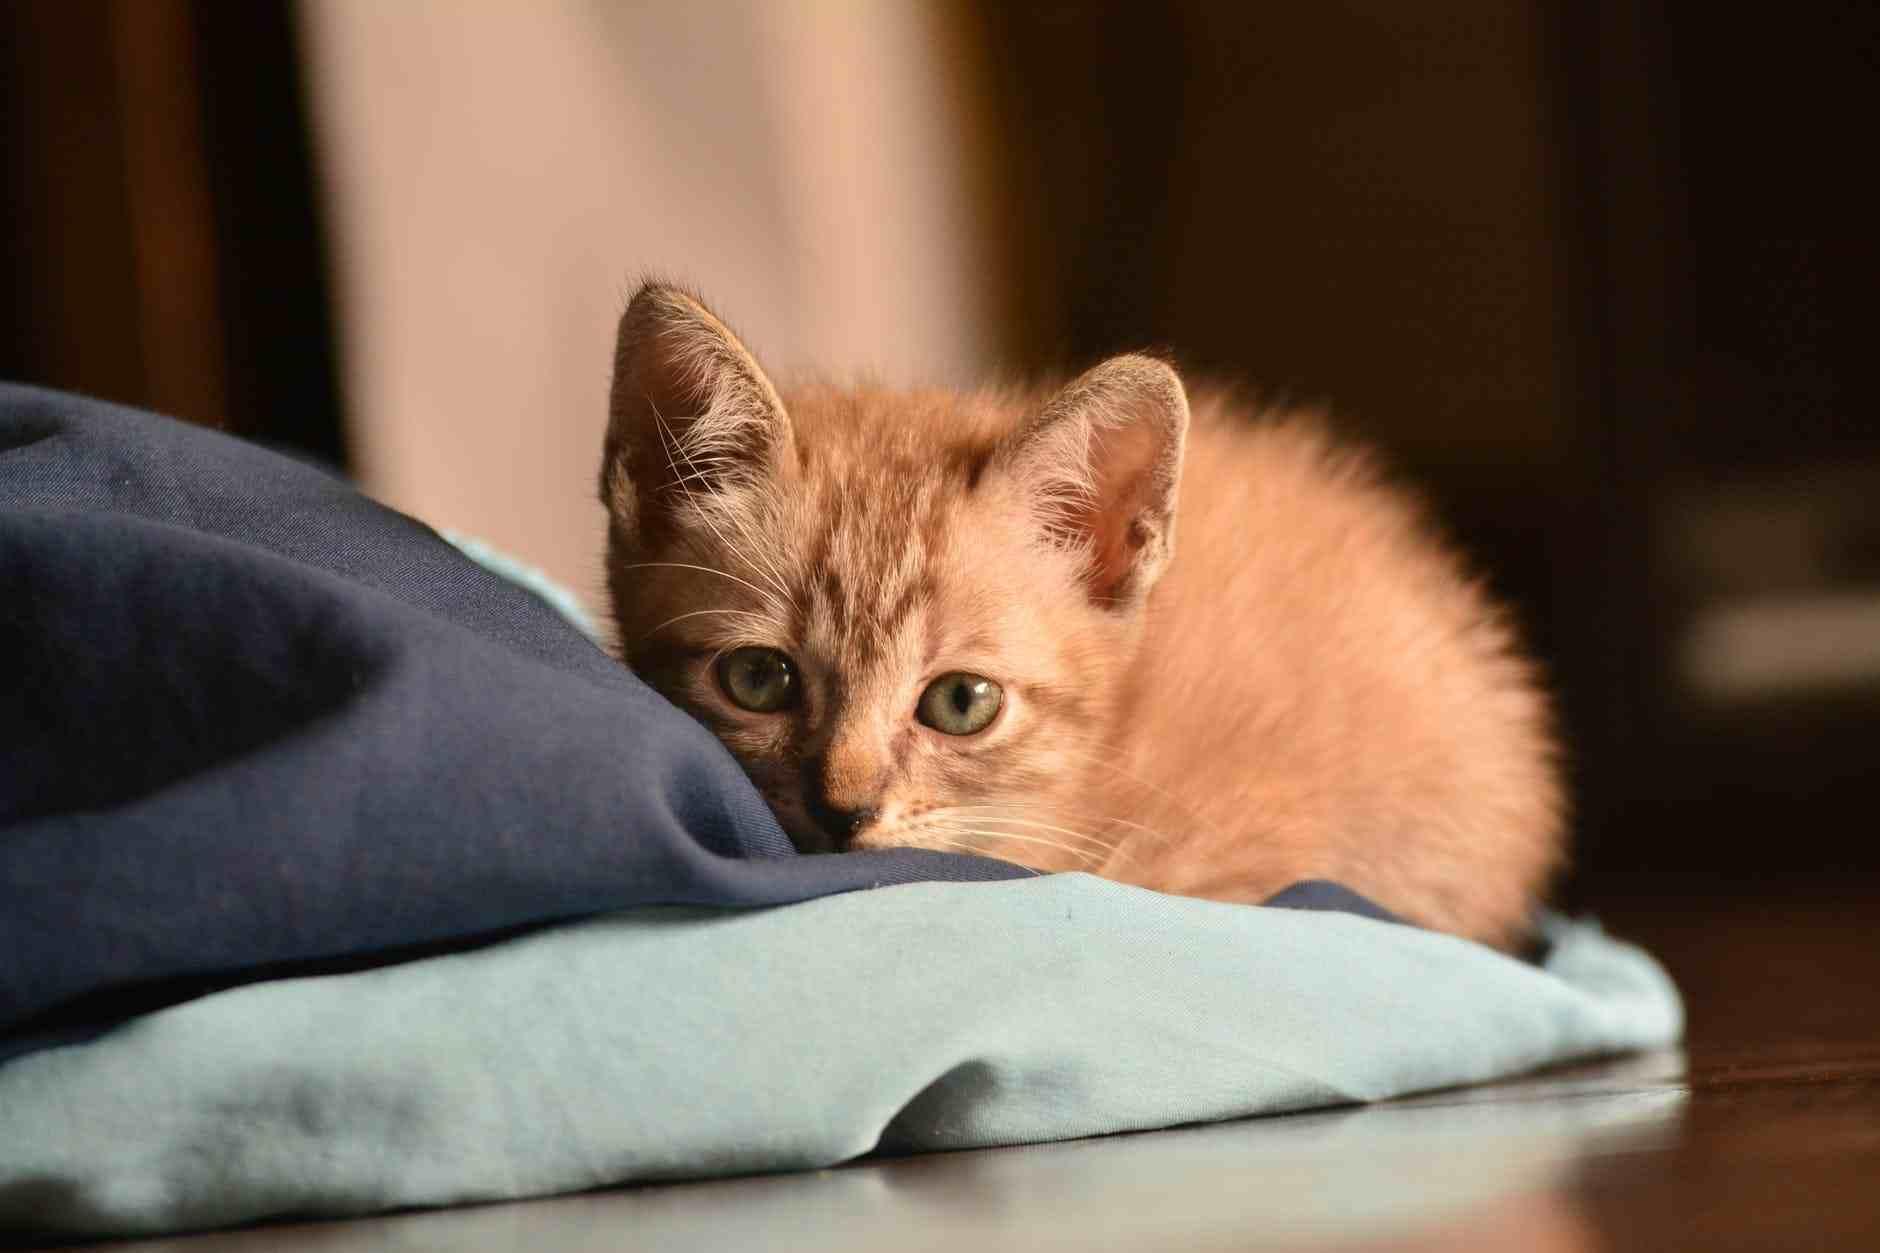 Pastikan dan jaga anak kucing agar selalu hangat